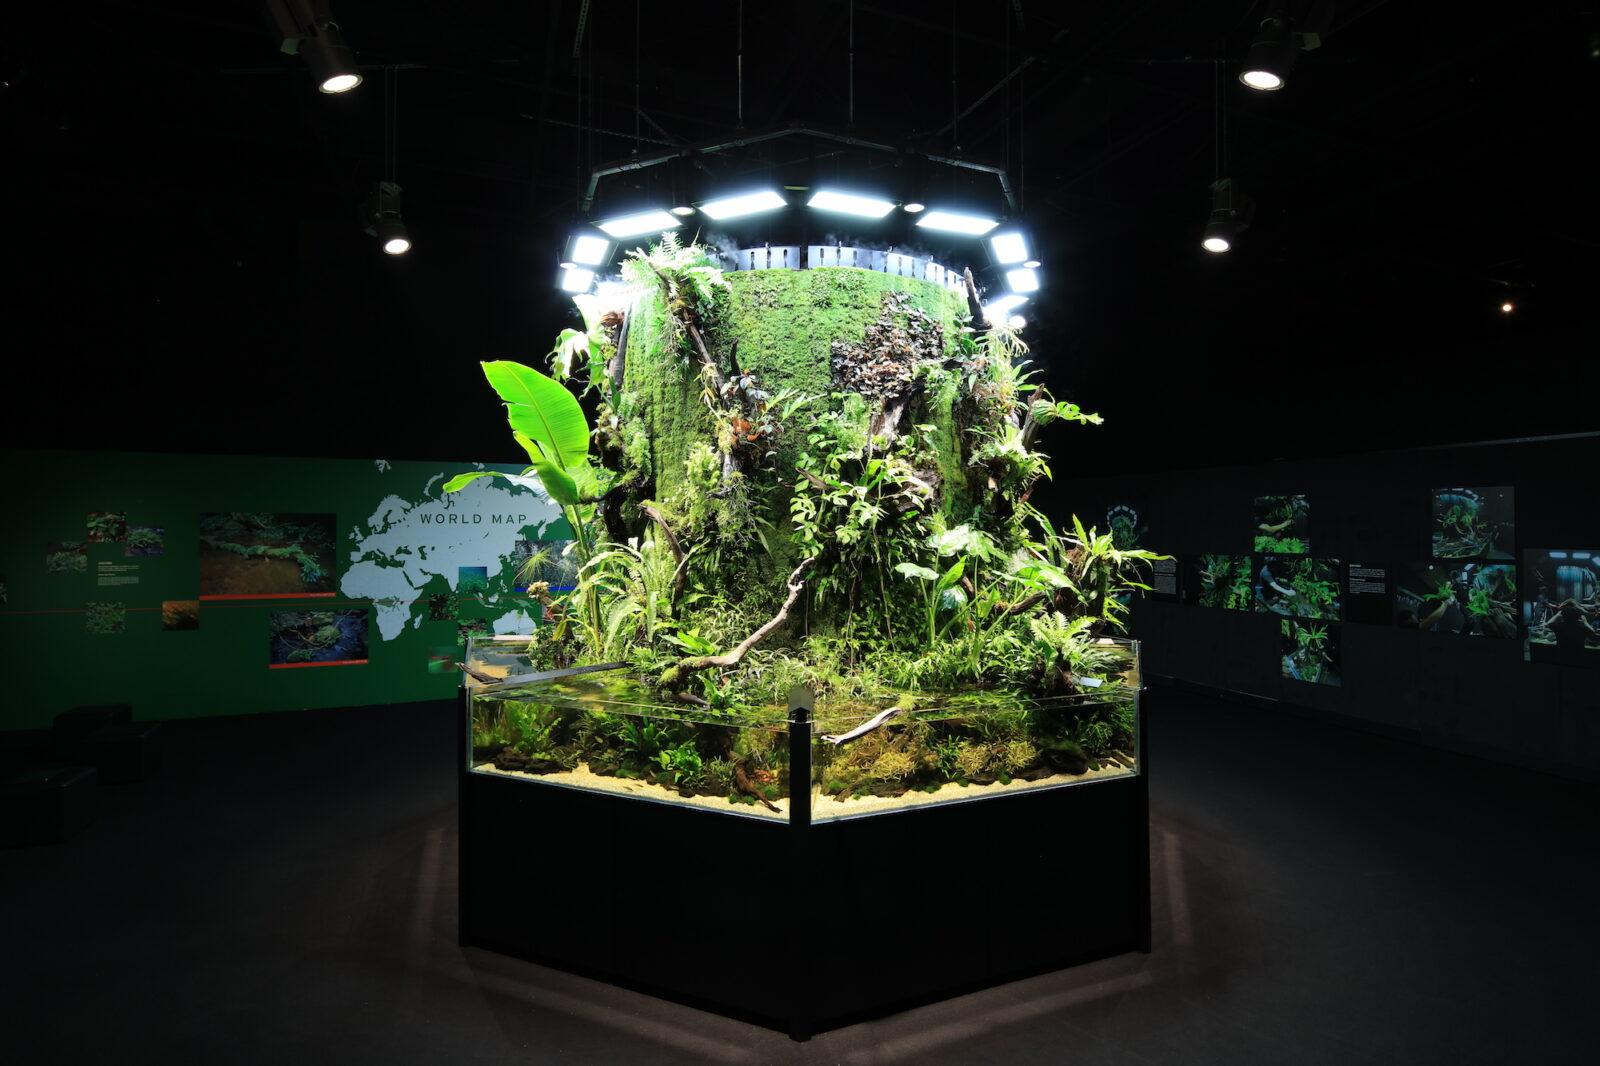 NATURE AQUARIUM EXHIBITION 2021 TOKYO 熱帯雨林雰囲気ムンムンのネイチャータワー360°